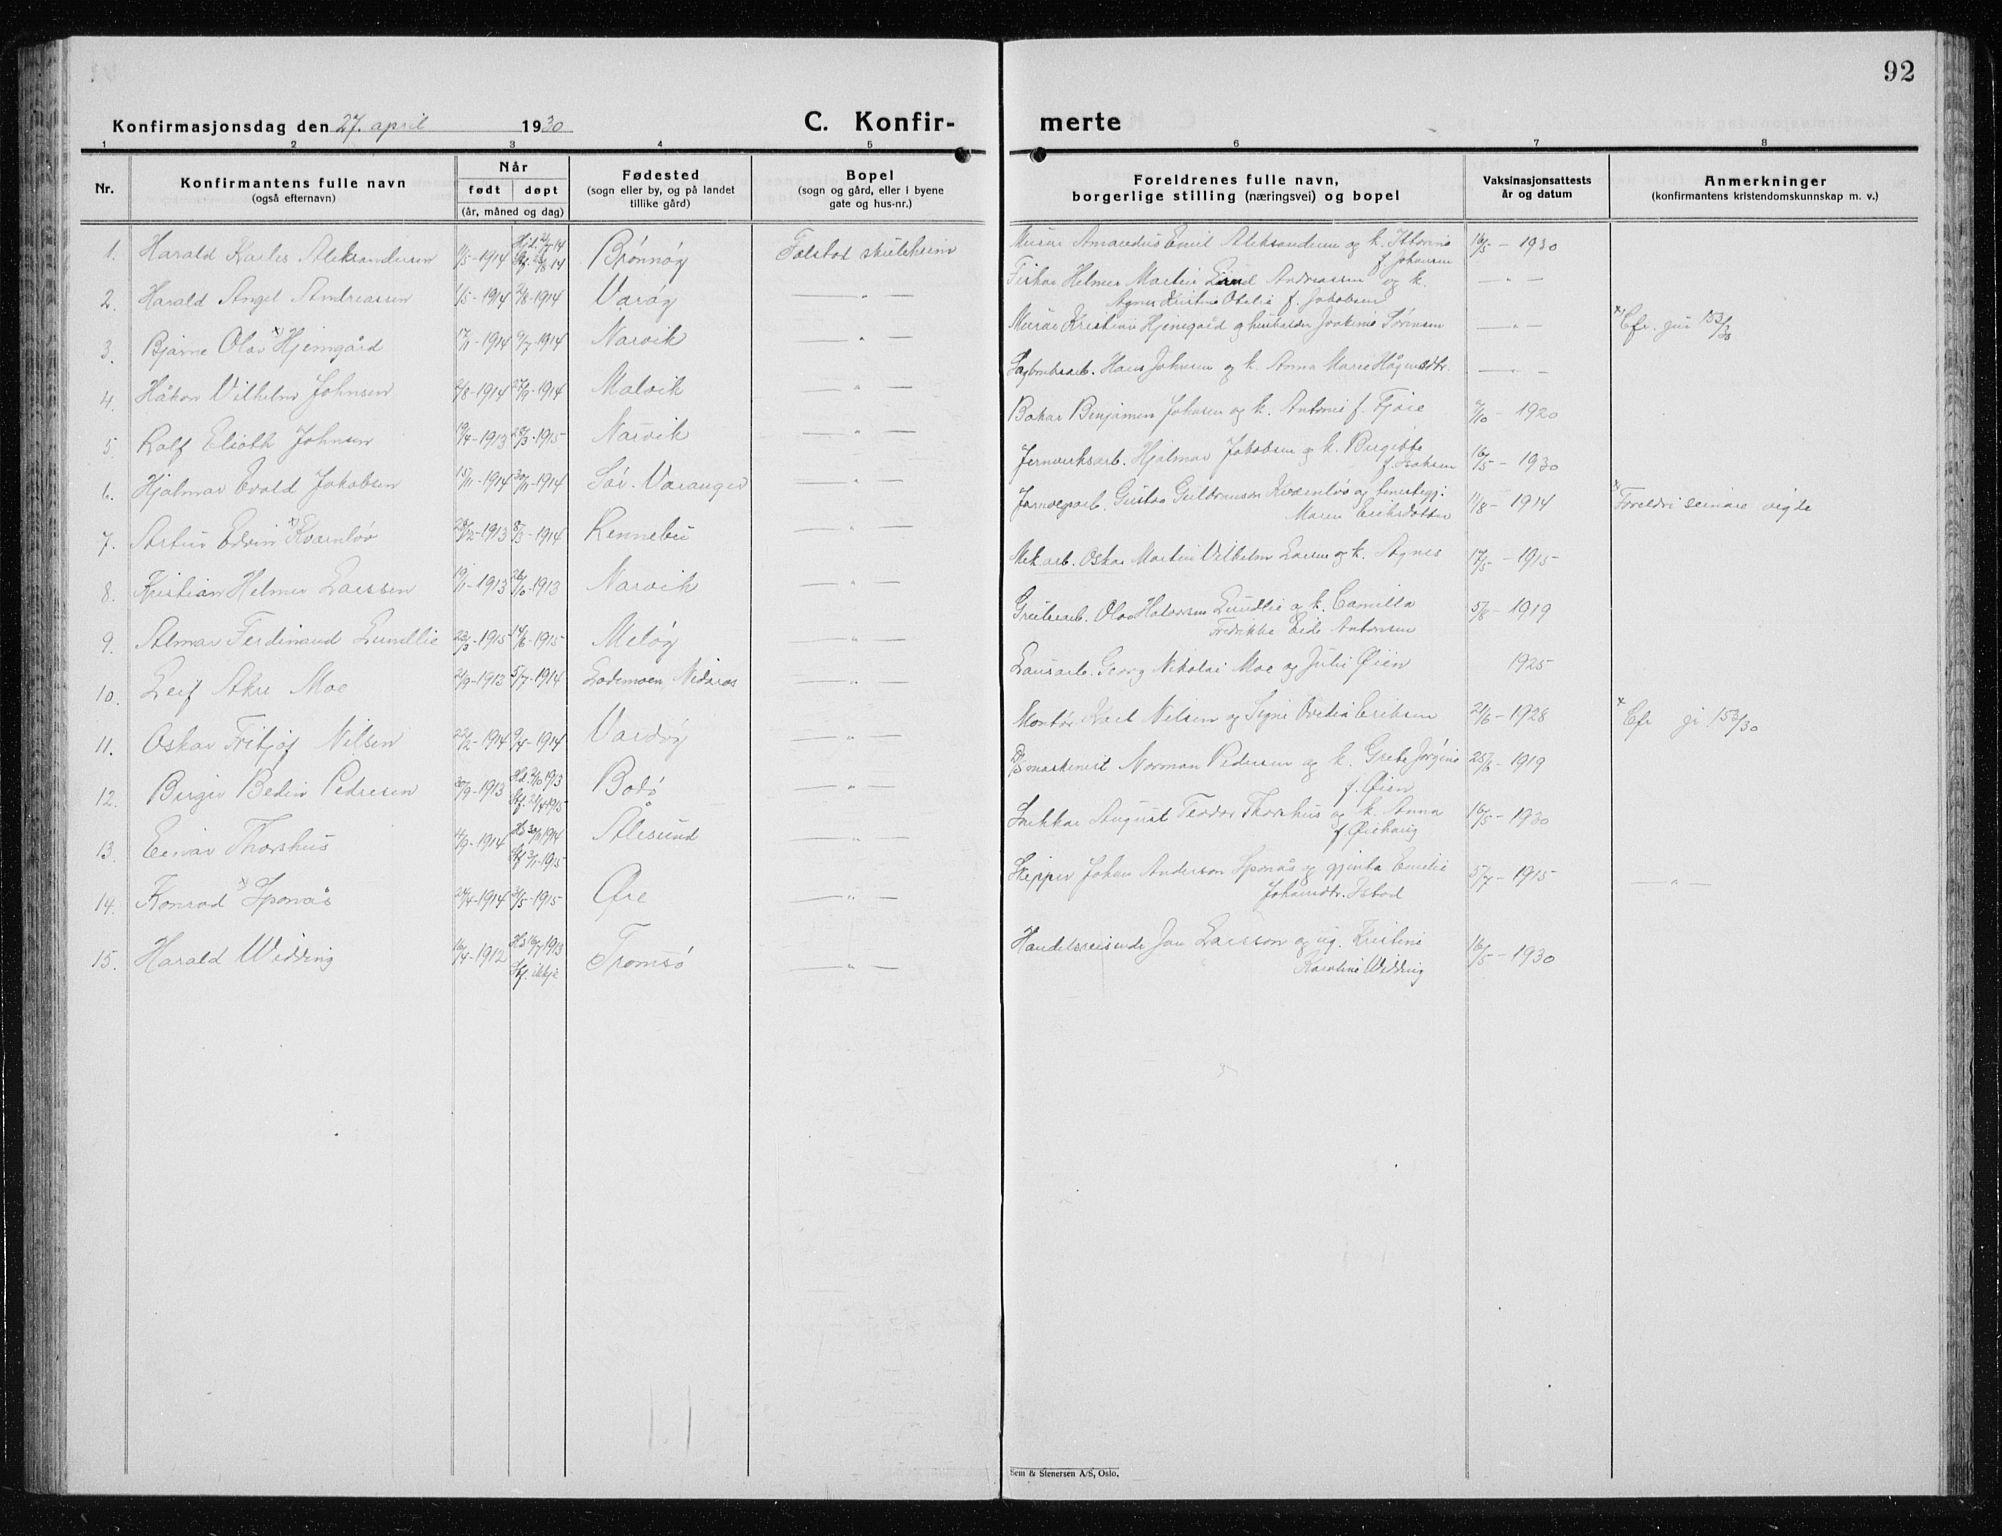 SAT, Ministerialprotokoller, klokkerbøker og fødselsregistre - Nord-Trøndelag, 719/L0180: Klokkerbok nr. 719C01, 1878-1940, s. 92